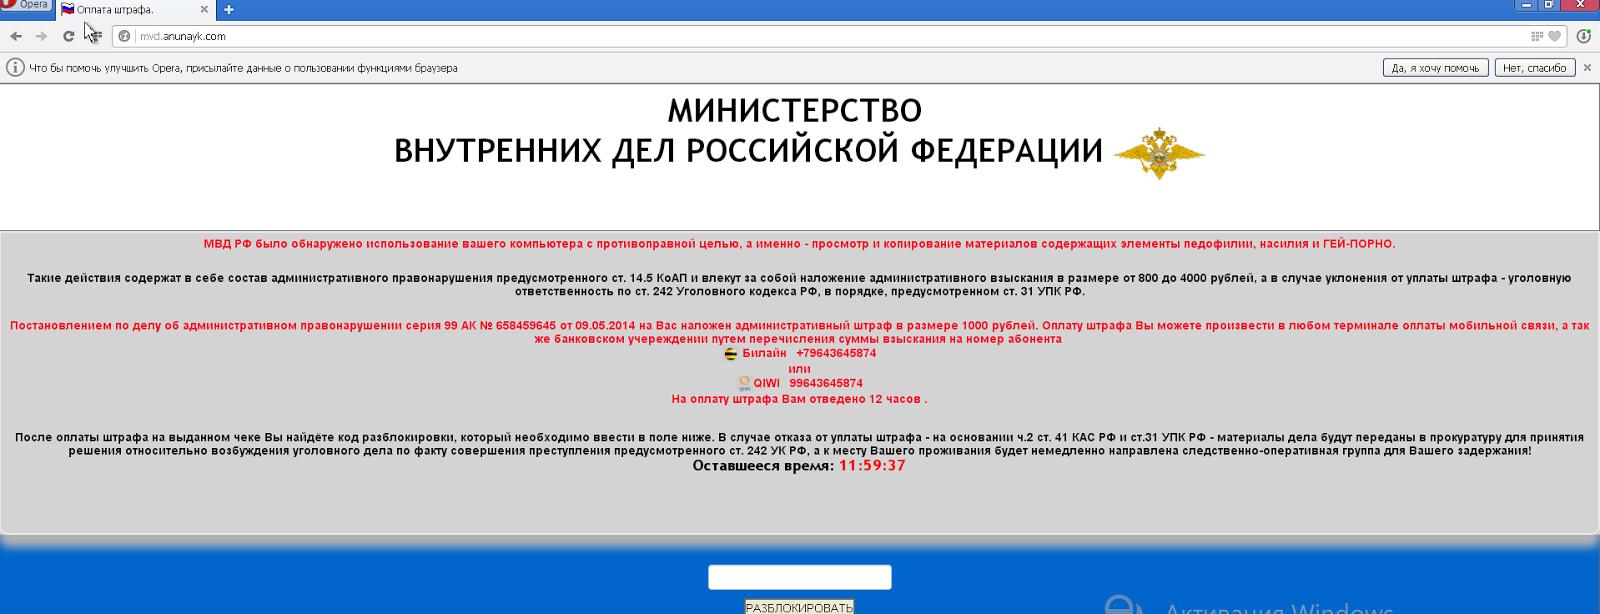 Мвд россии заплатить штраф 3000 рублей гей порно